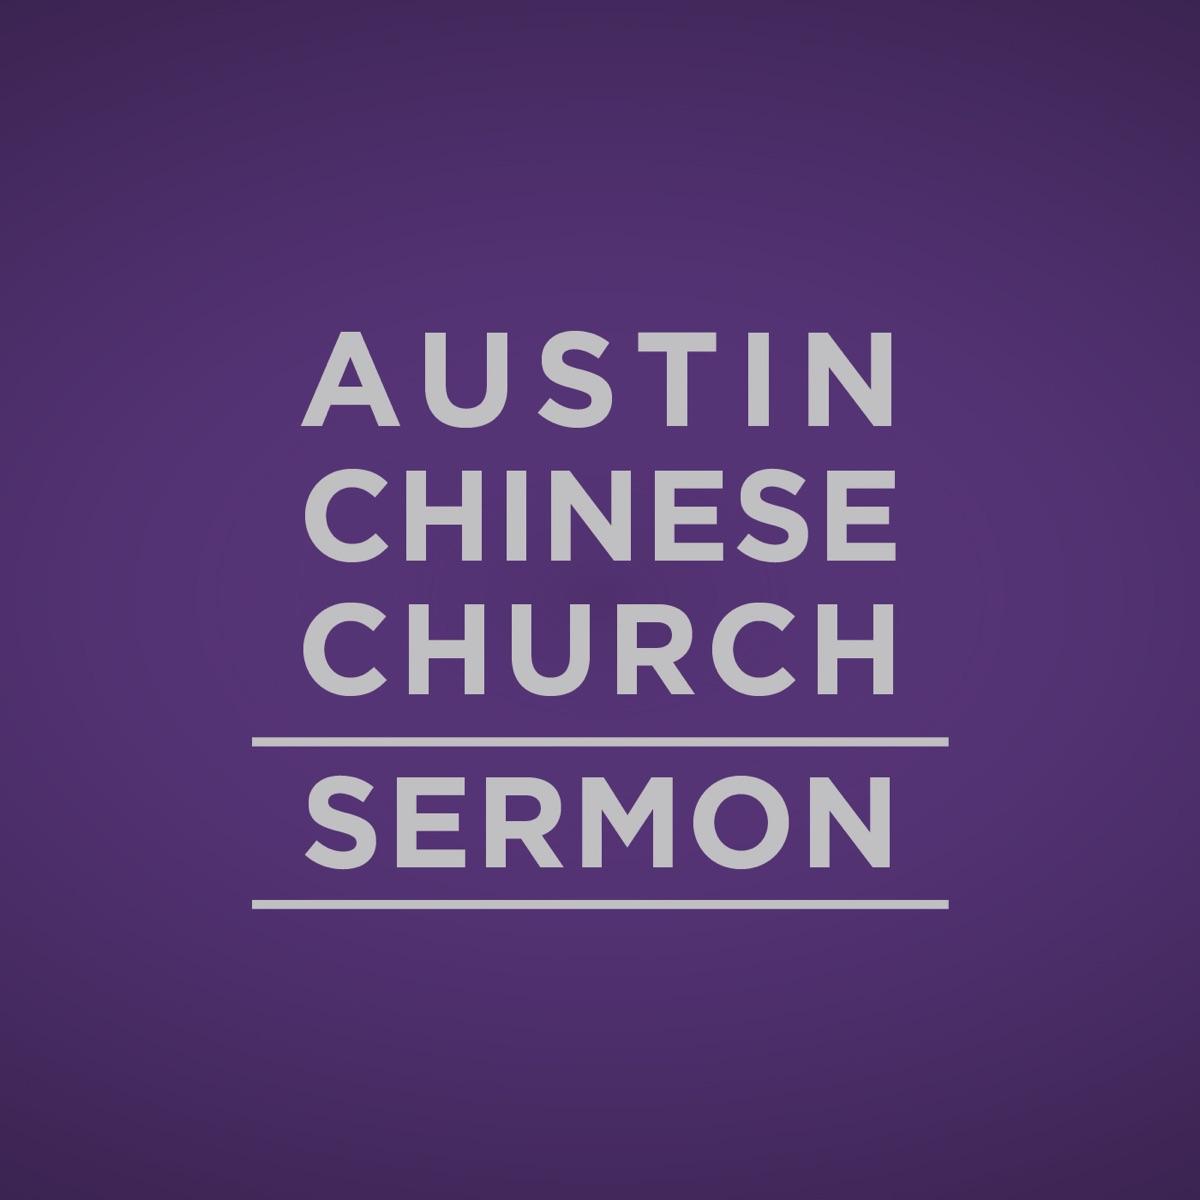 Austin Chinese Church